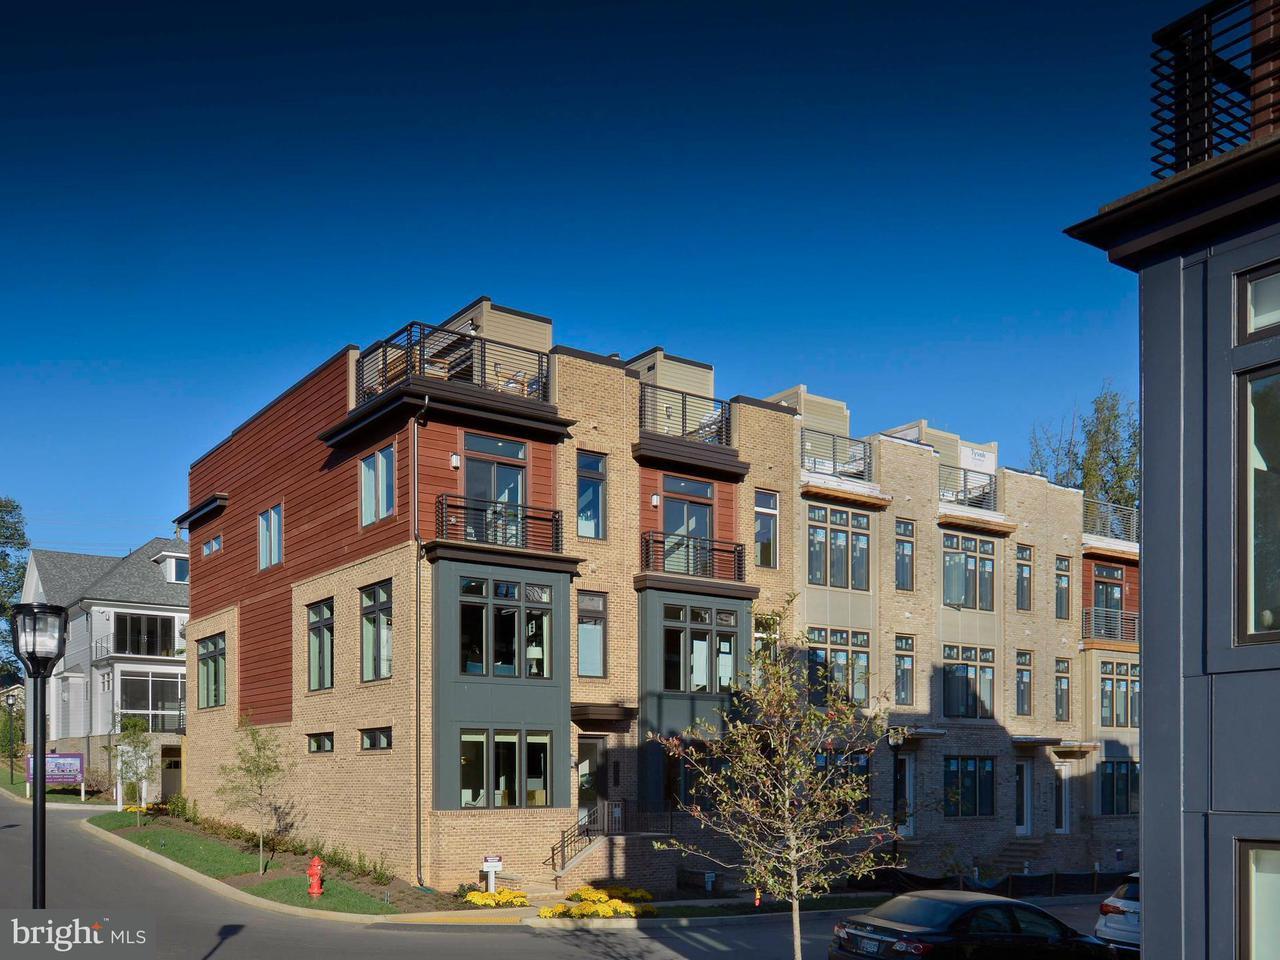 Stadthaus für Verkauf beim 5315 Merriam St #Everett Model 5315 Merriam St #Everett Model Bethesda, Maryland 20814 Vereinigte Staaten